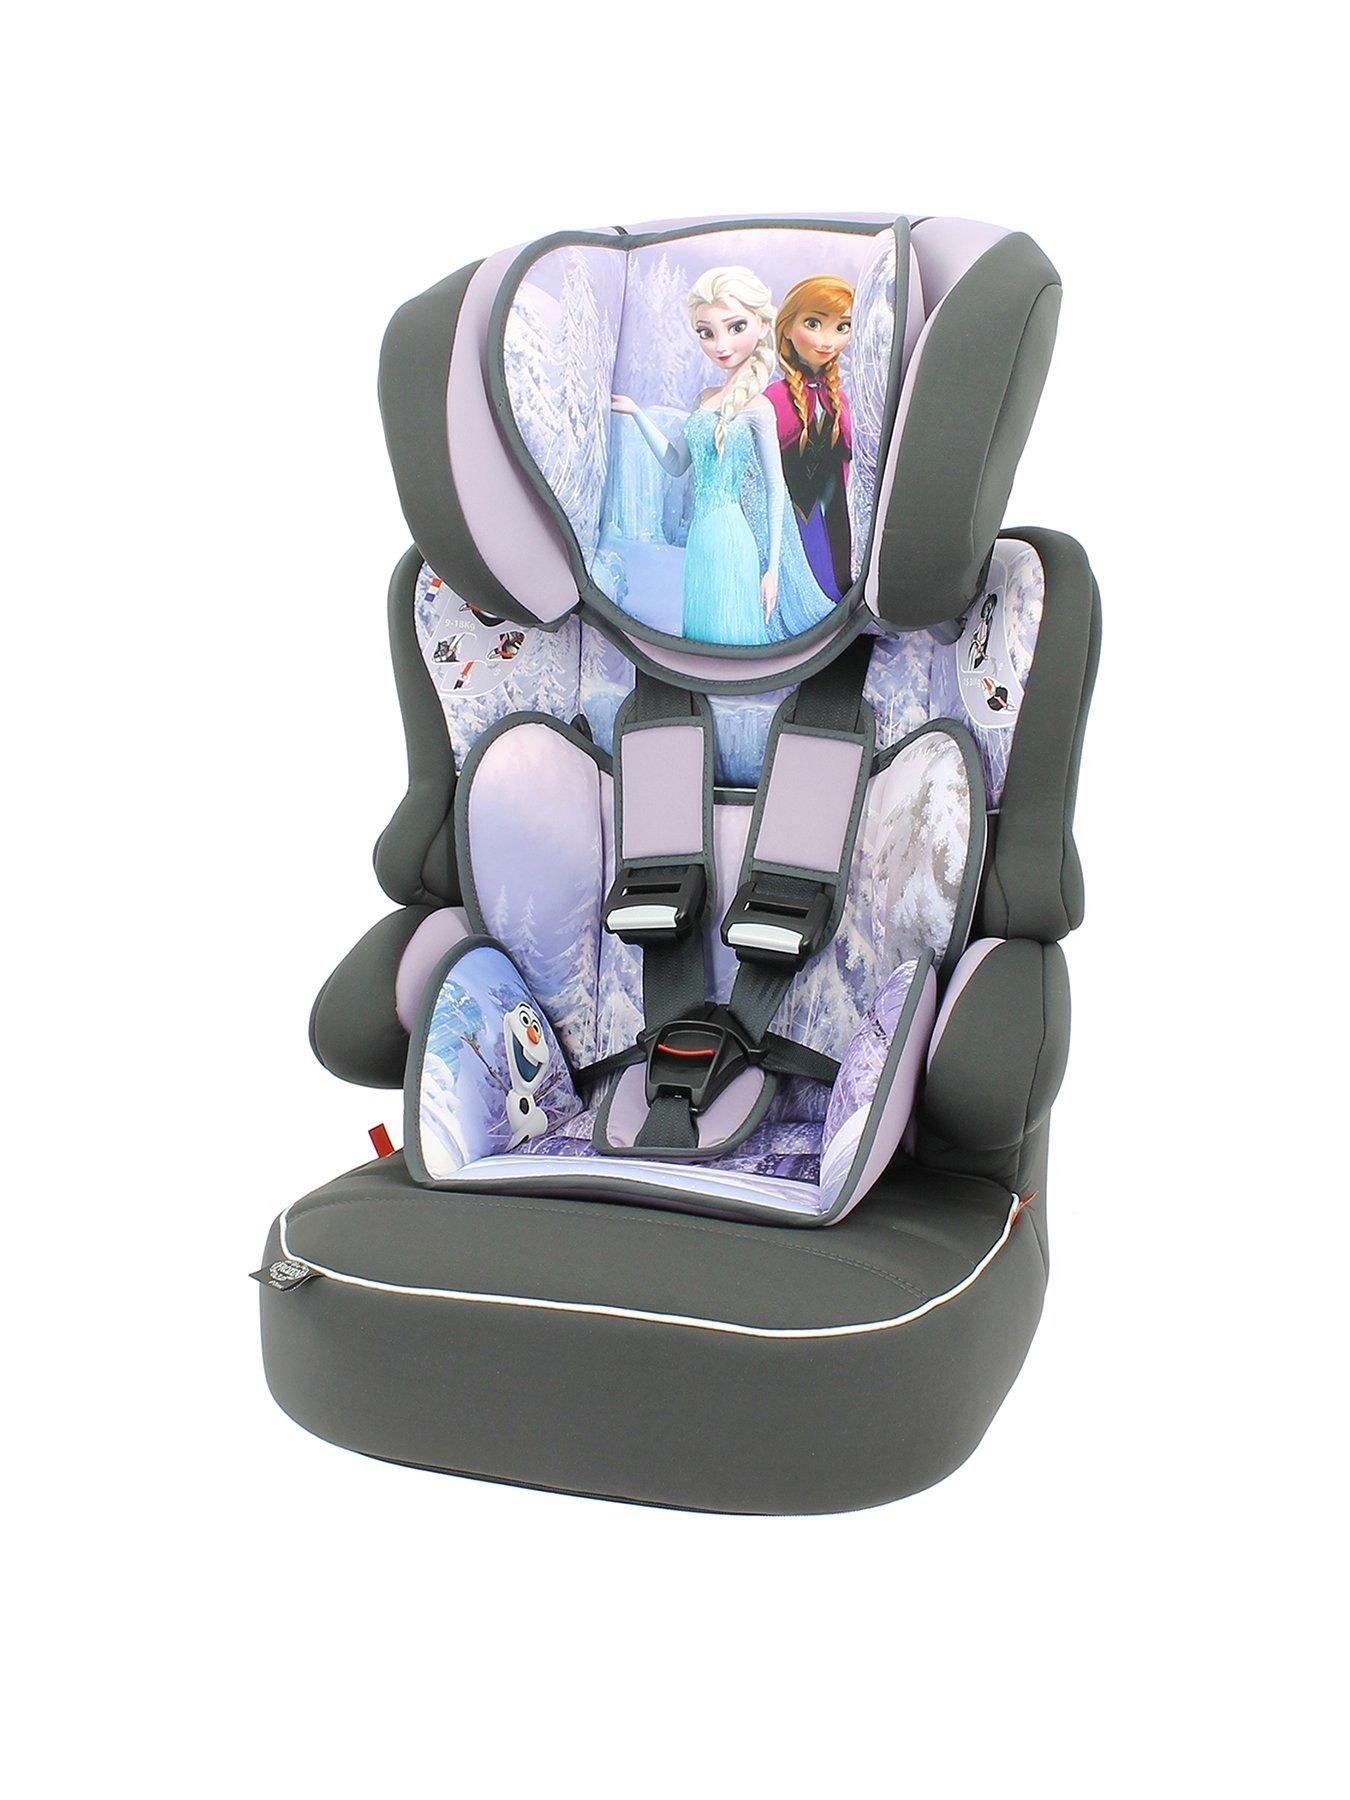 Frozen Beline SP Group 123 Car High Back Booster Seat